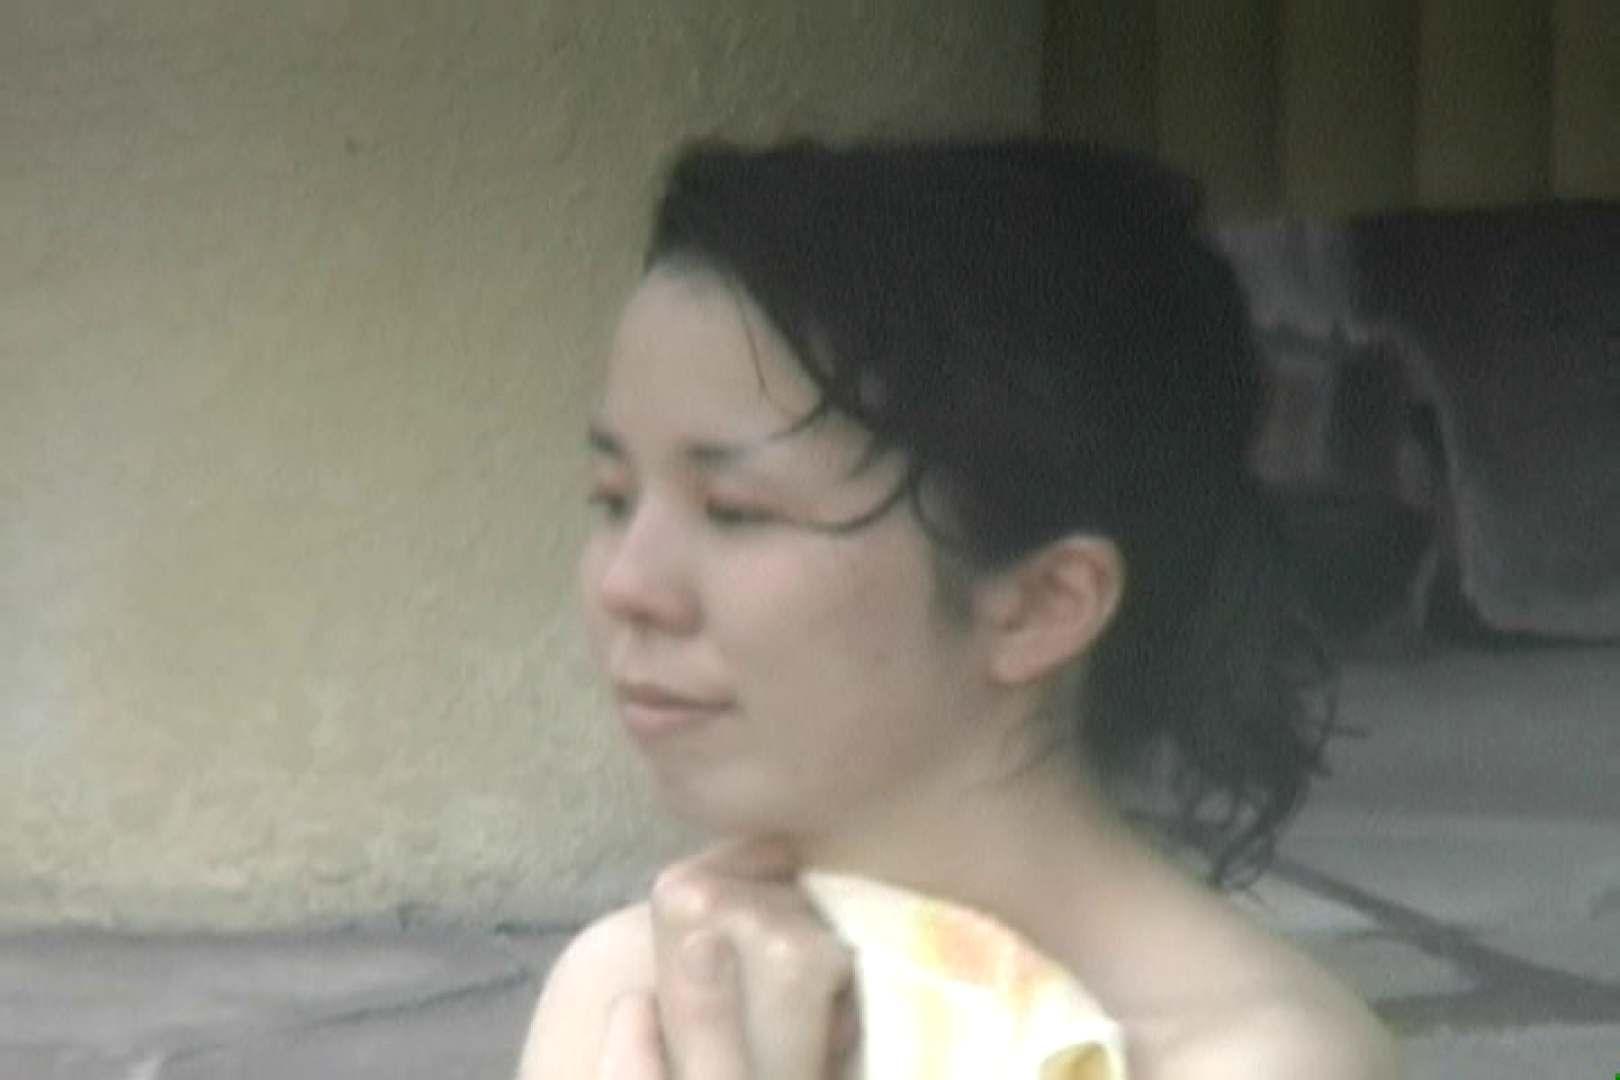 高画質露天女風呂観察 vol.007 OLエロ画像 のぞきおめこ無修正画像 97PICs 72